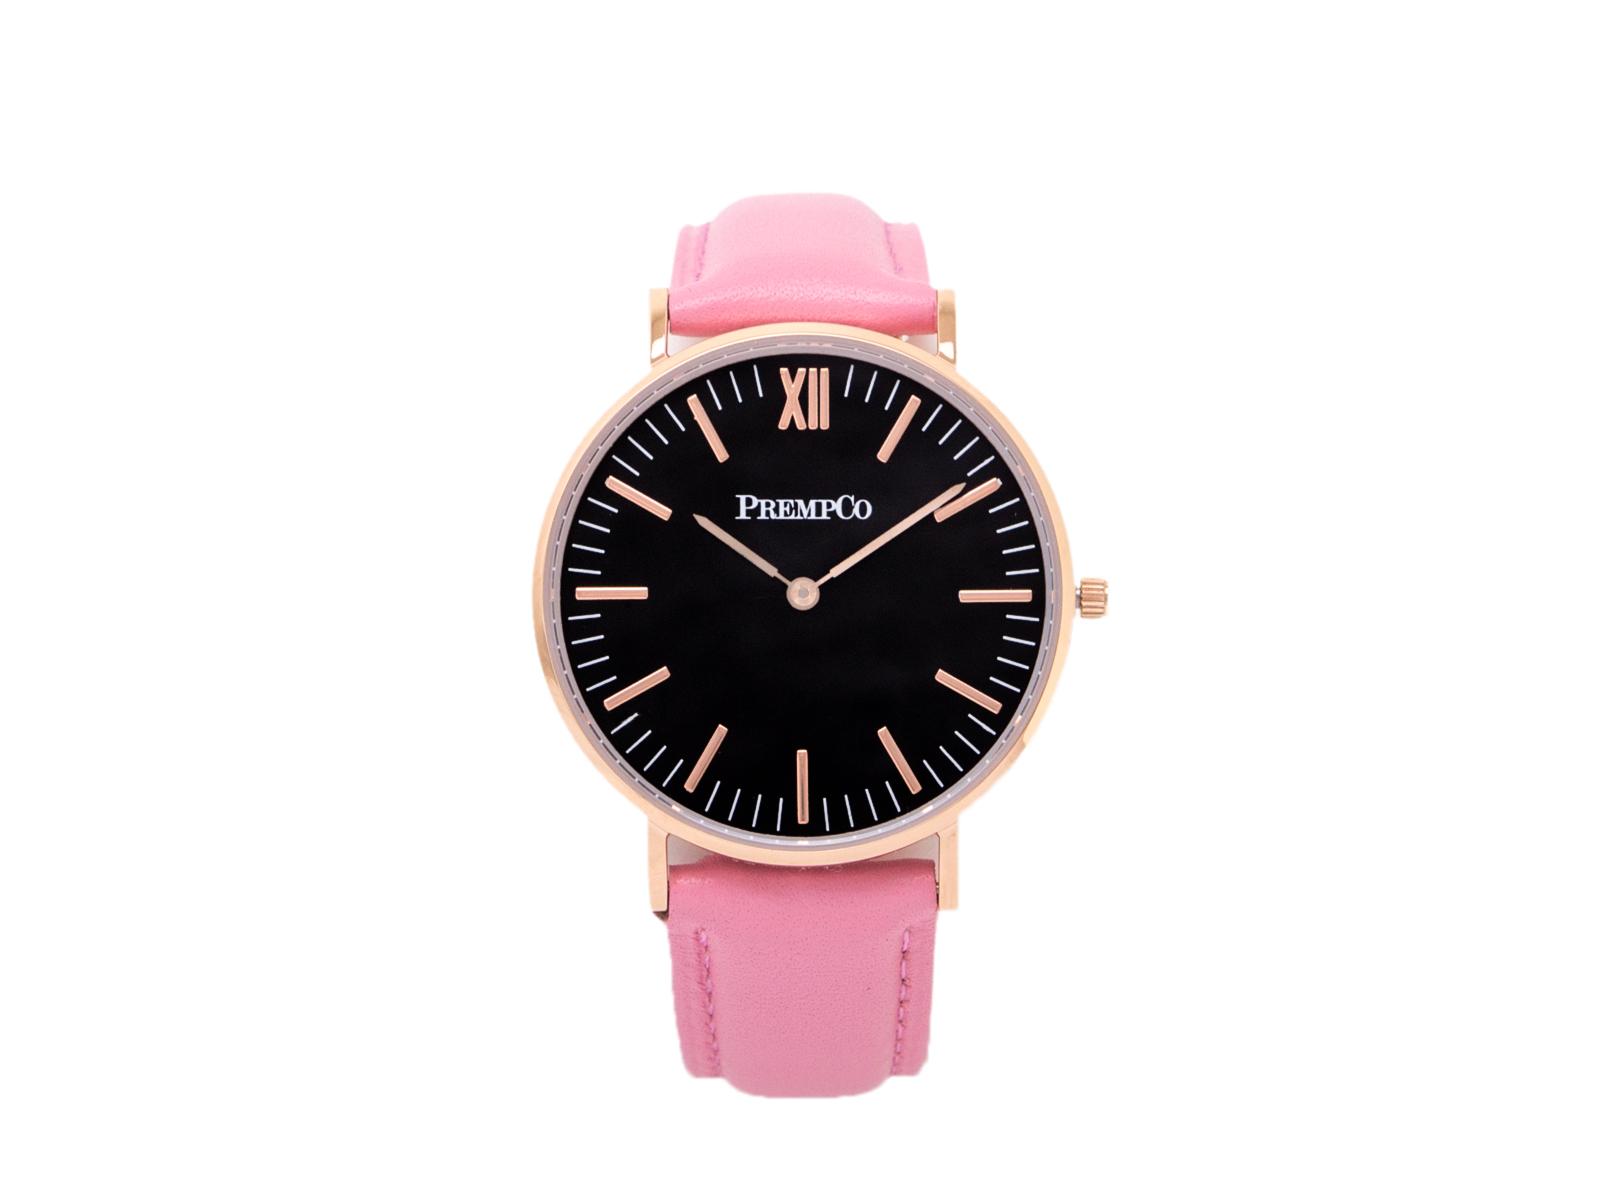 prempco damen designer uhr nobel uhr schwarz pink mit lederarmband